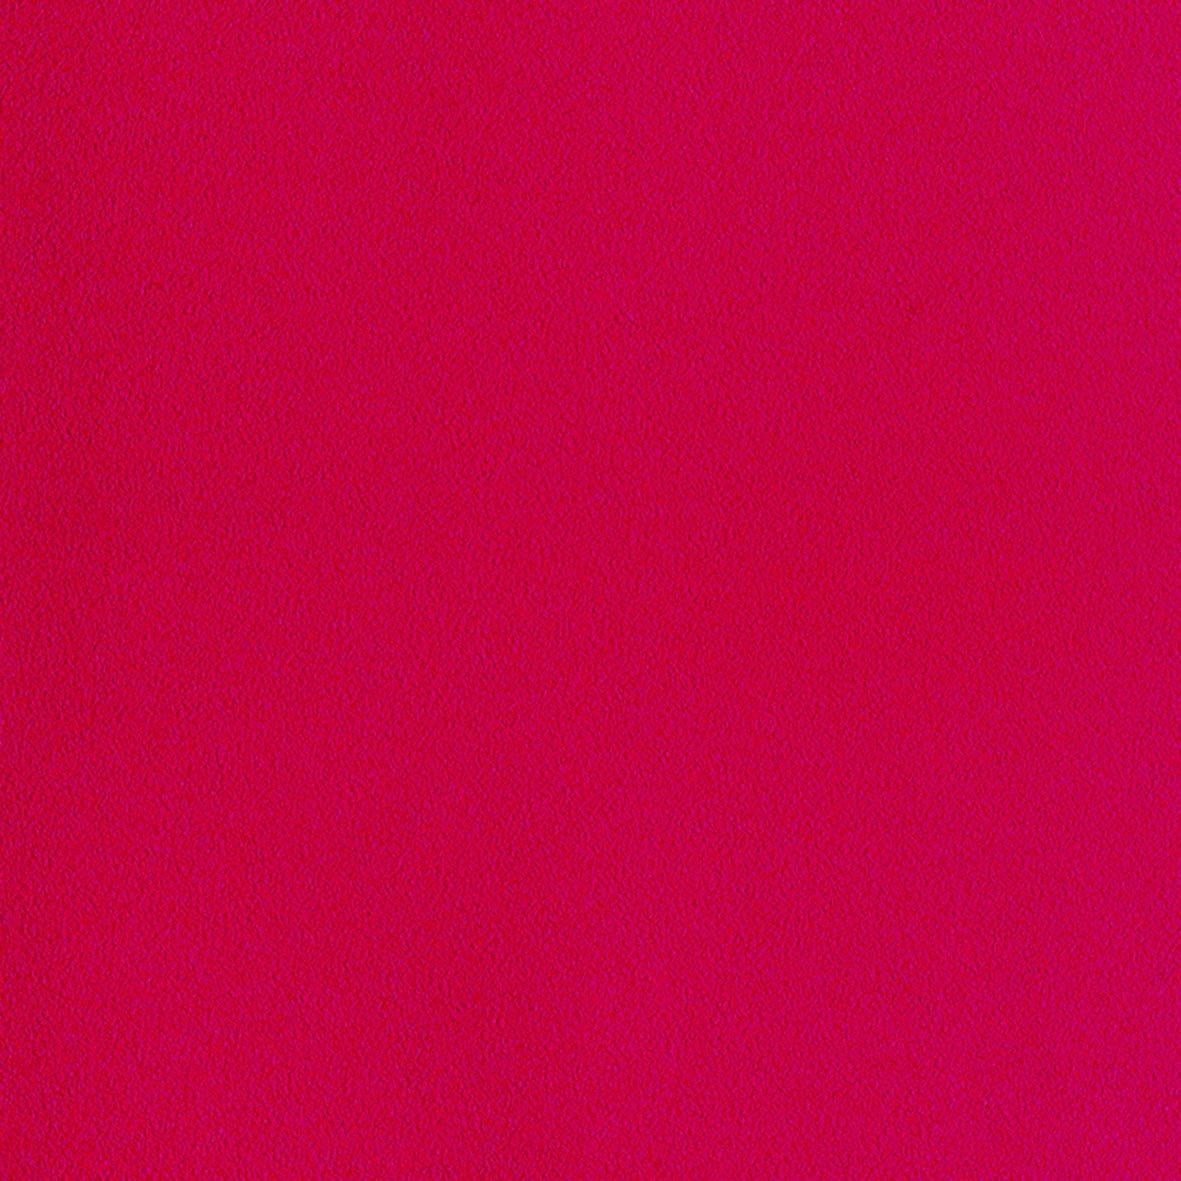 リリカラ 壁紙21m シンフル 無地 レッド LL-8846 B01MSILK2P 21m|レッド